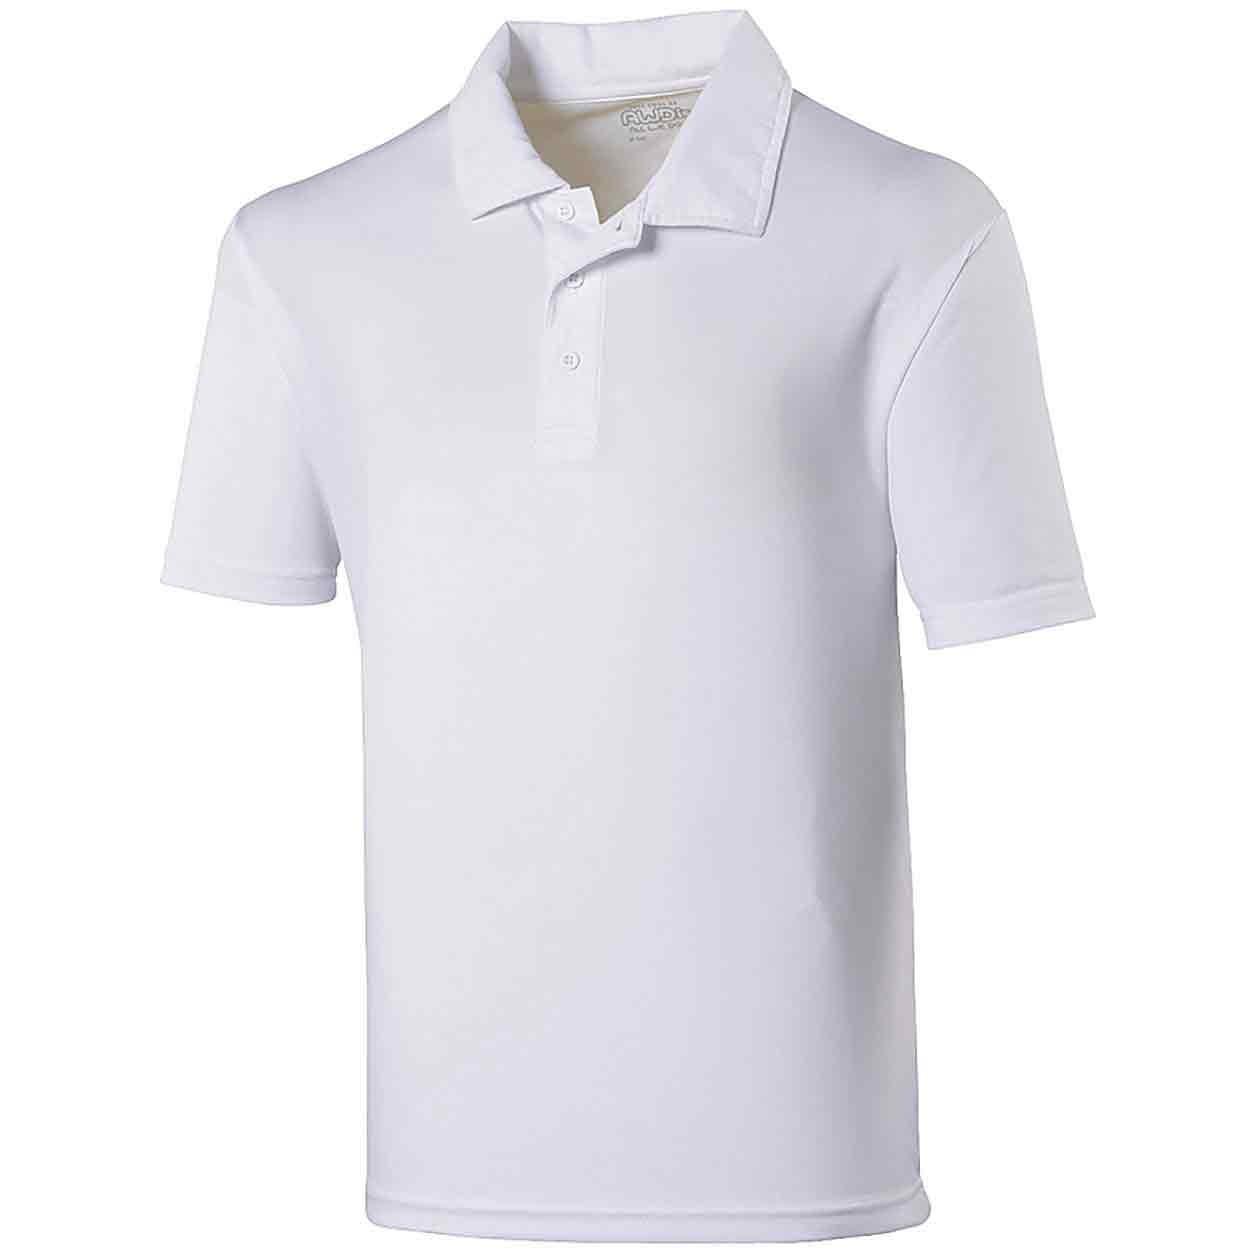 115db0ce AWDis Cool Polo - Plain Poly Cotton Polo Shirts - PolyCotton Polo ...